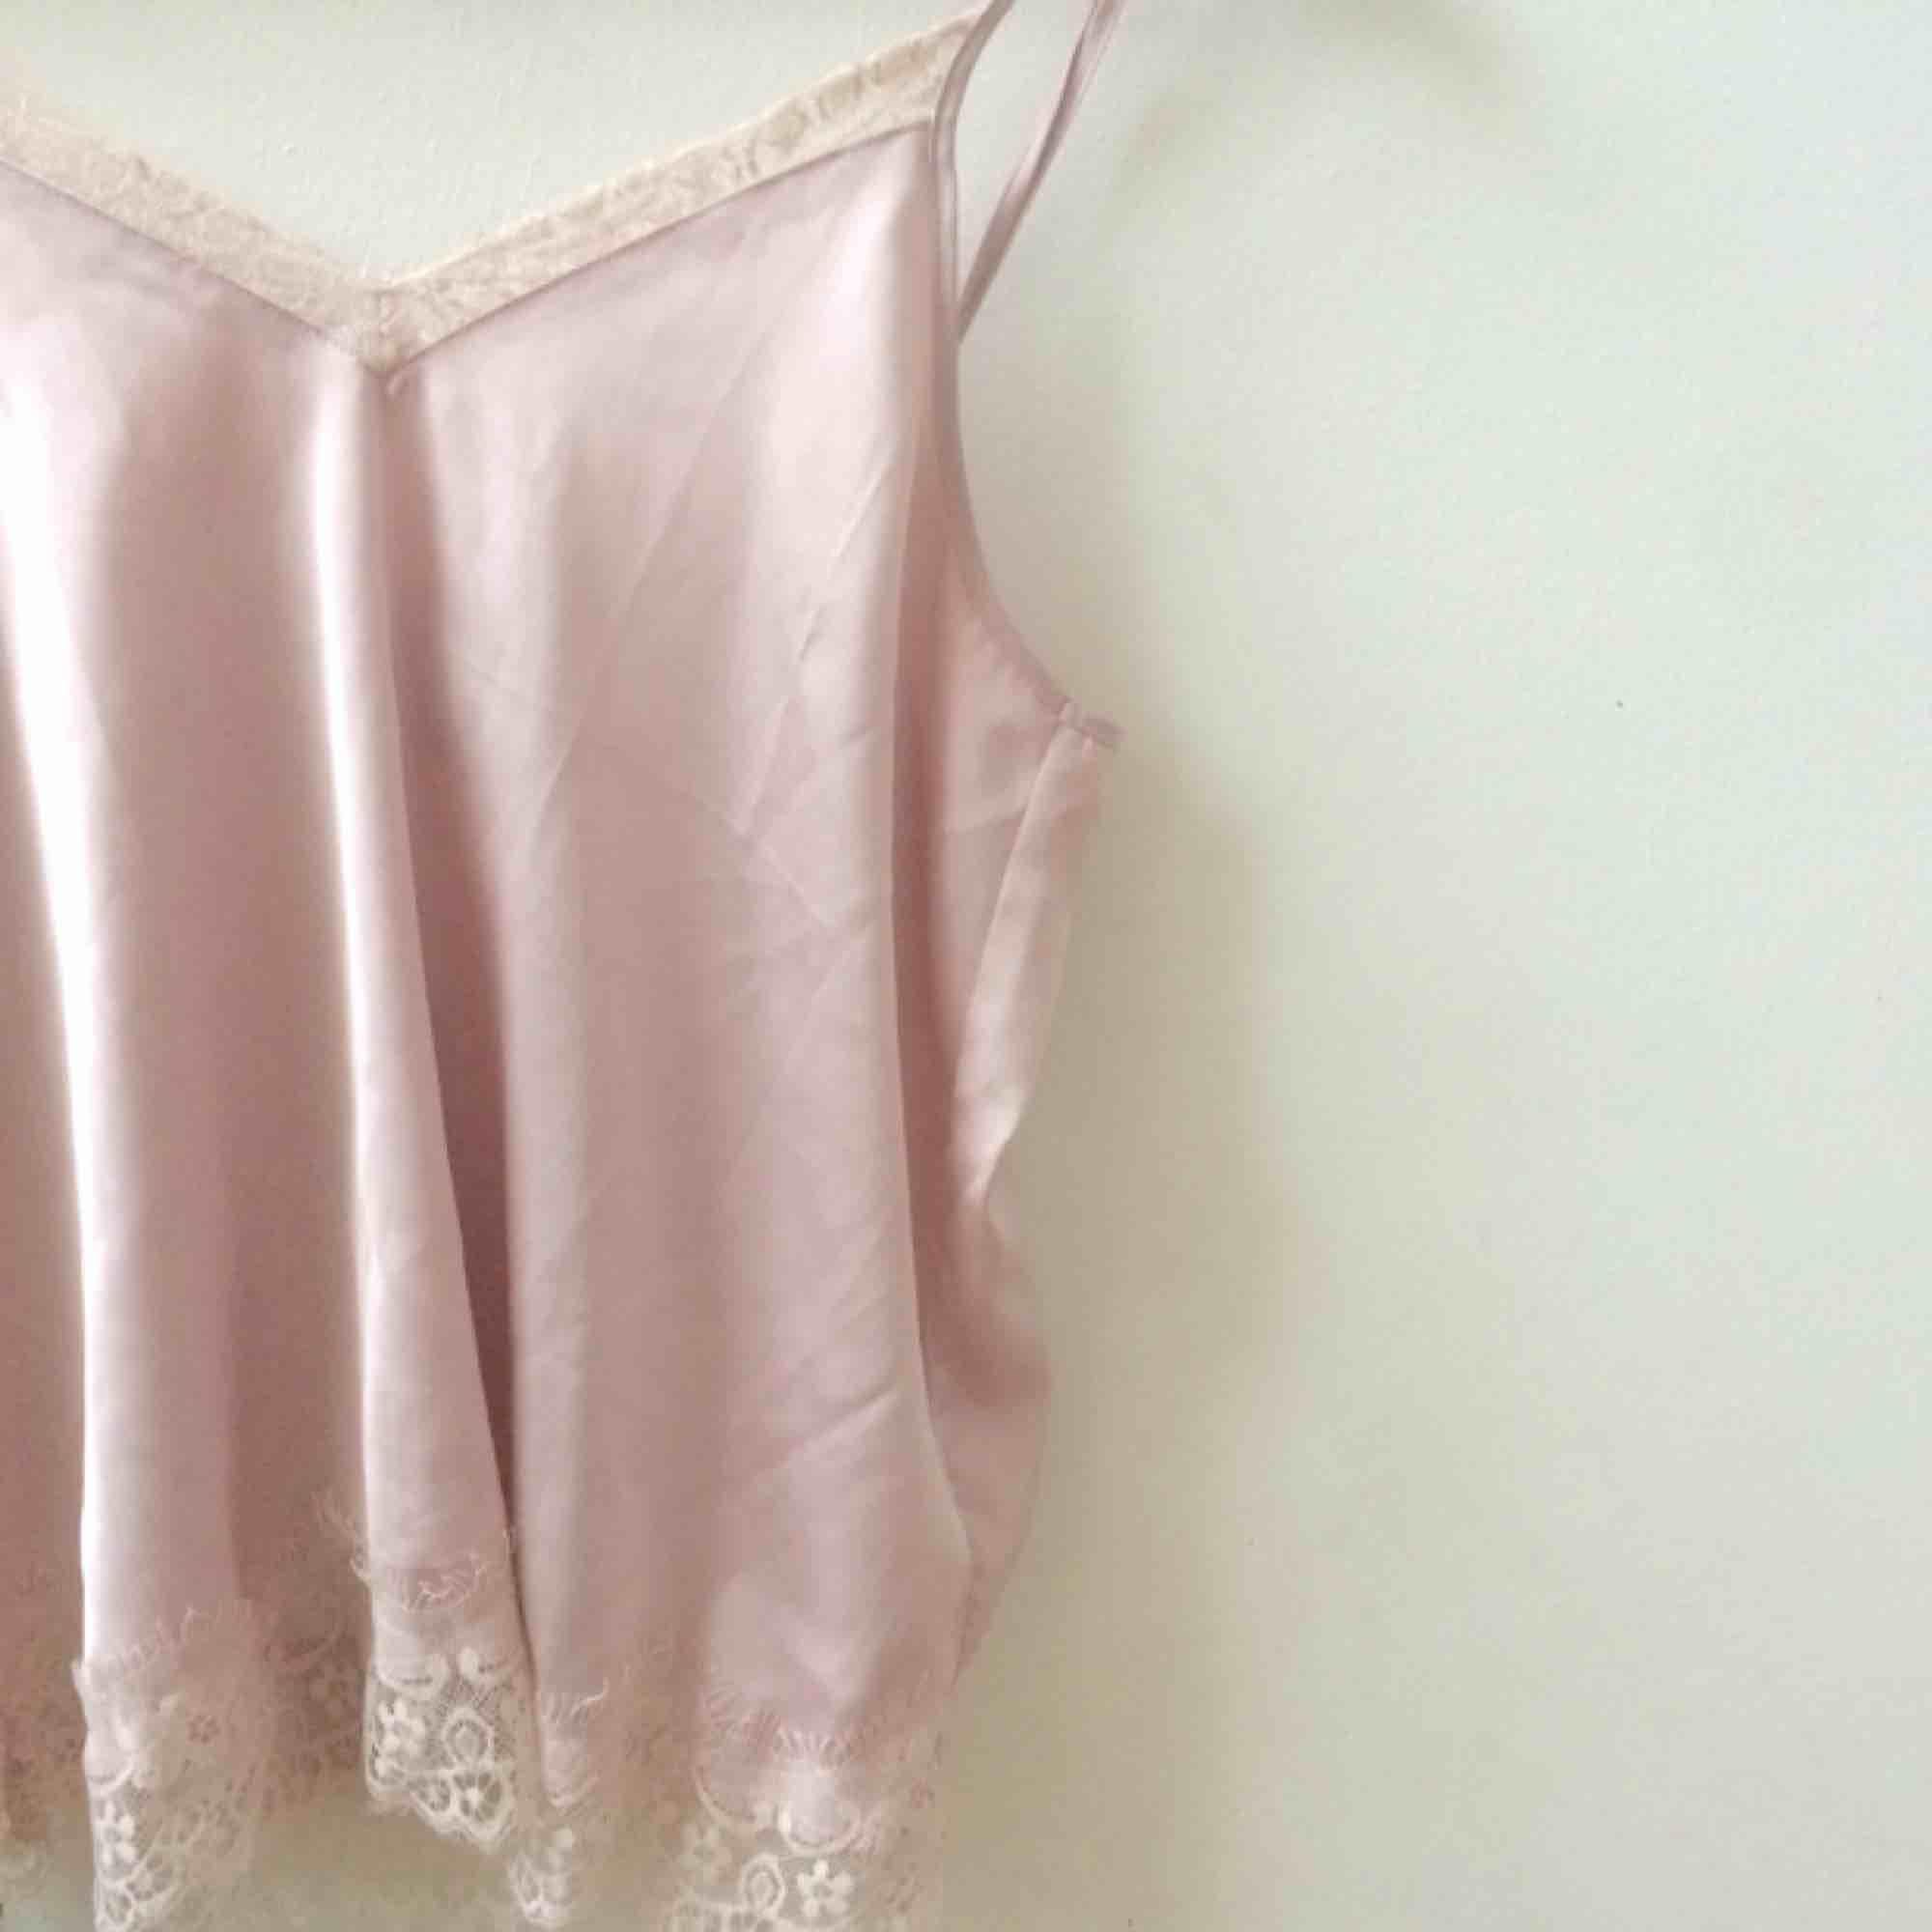 Lent rosa spetslinne i sidenliknande material.  🌻Frakt tillkommer🦕 No refunds 🌻. Toppar.